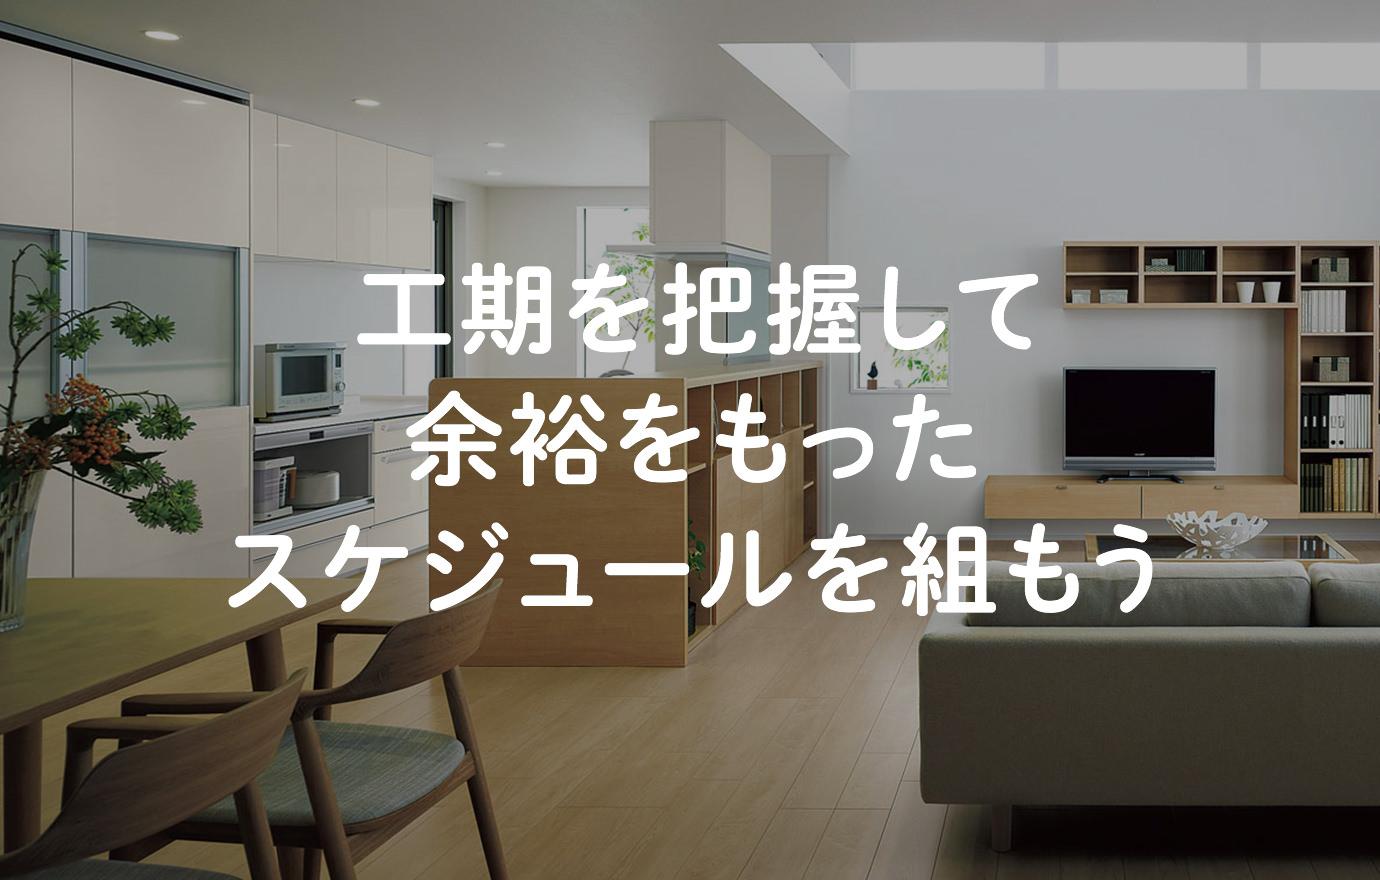 効率よくマンションリフォームを進めるなら必見!人気リフォームに掛かる日数を解説